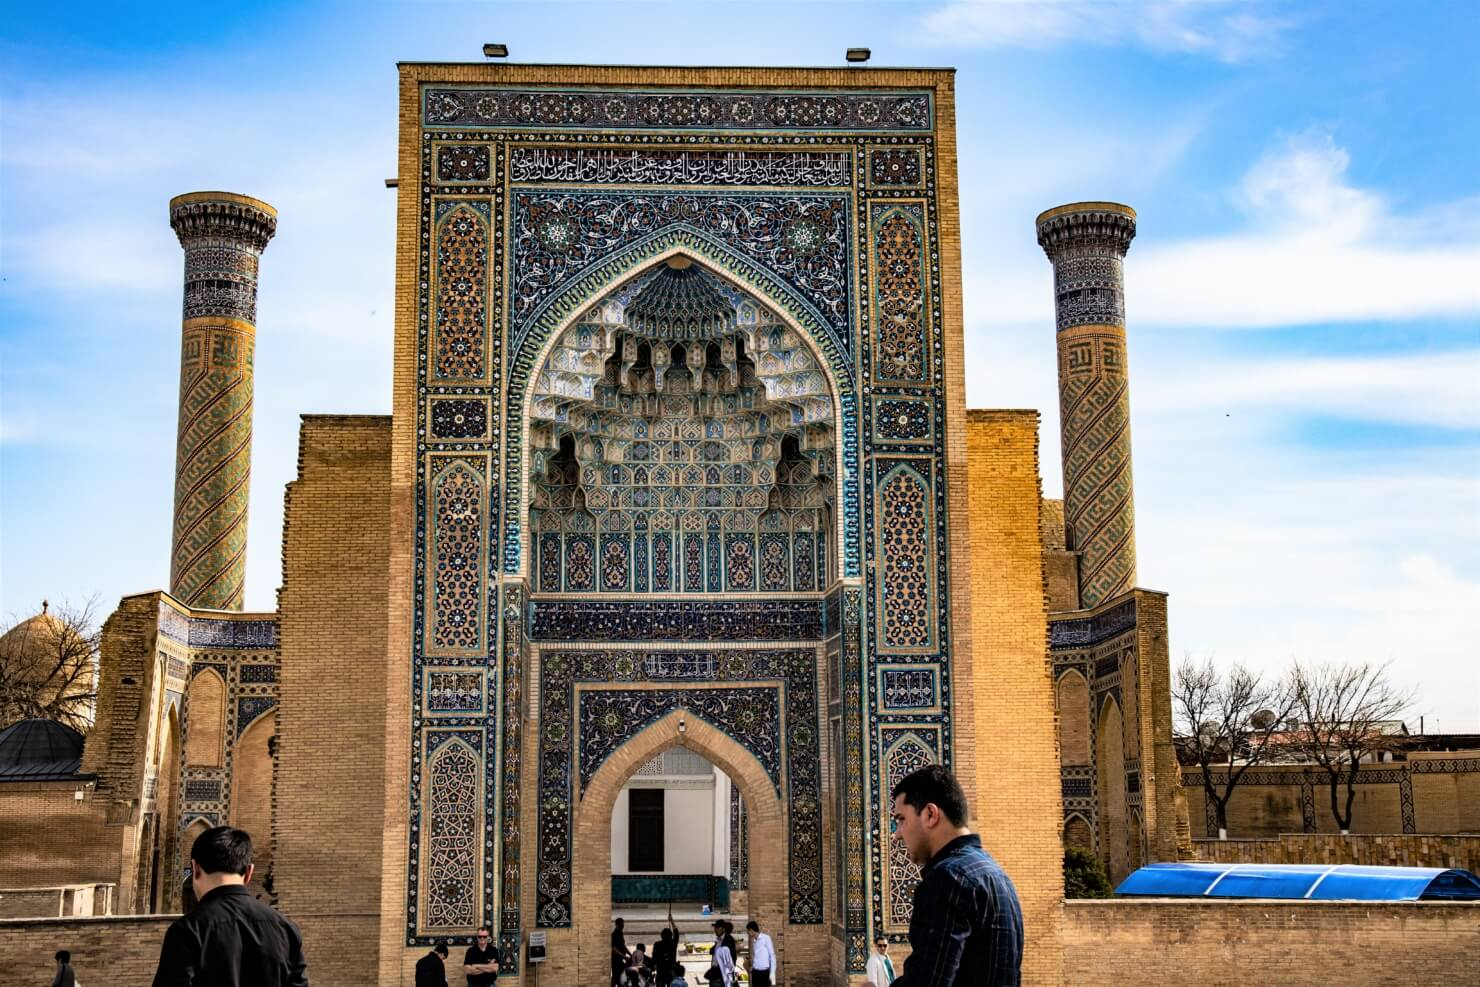 ウズベキスタン 旅行